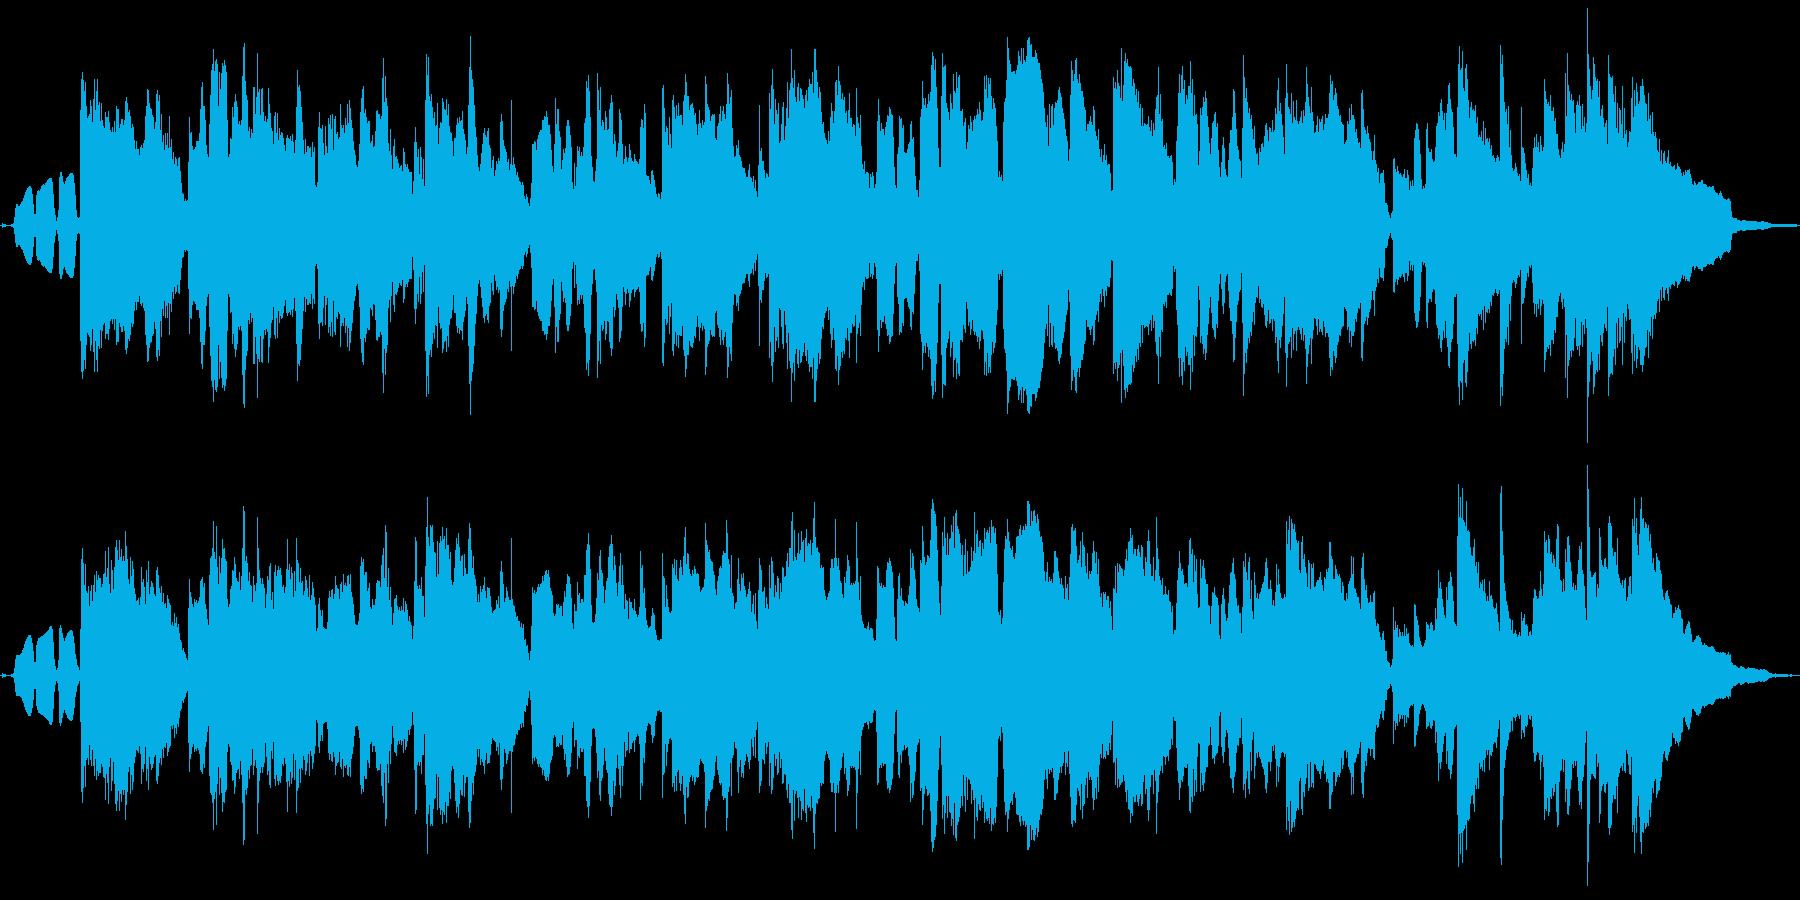 ハーモニカ生演奏ほのぼのカントリーロックの再生済みの波形